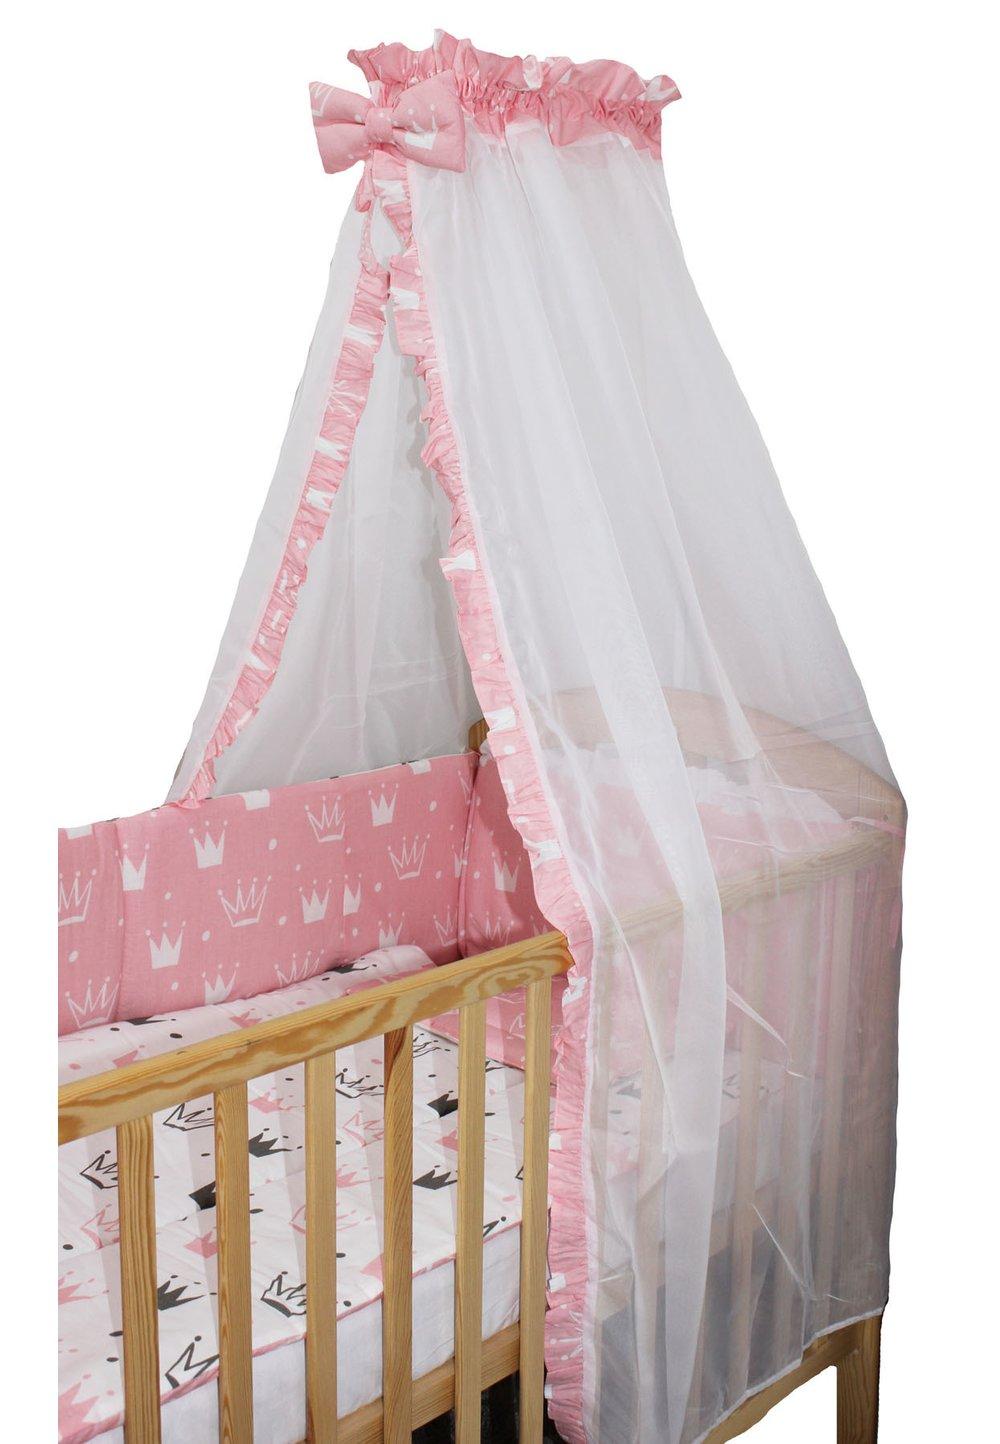 Lenjerie cu baldachin voal, 6 piese, Princess roz, 120 x 60 cm imagine